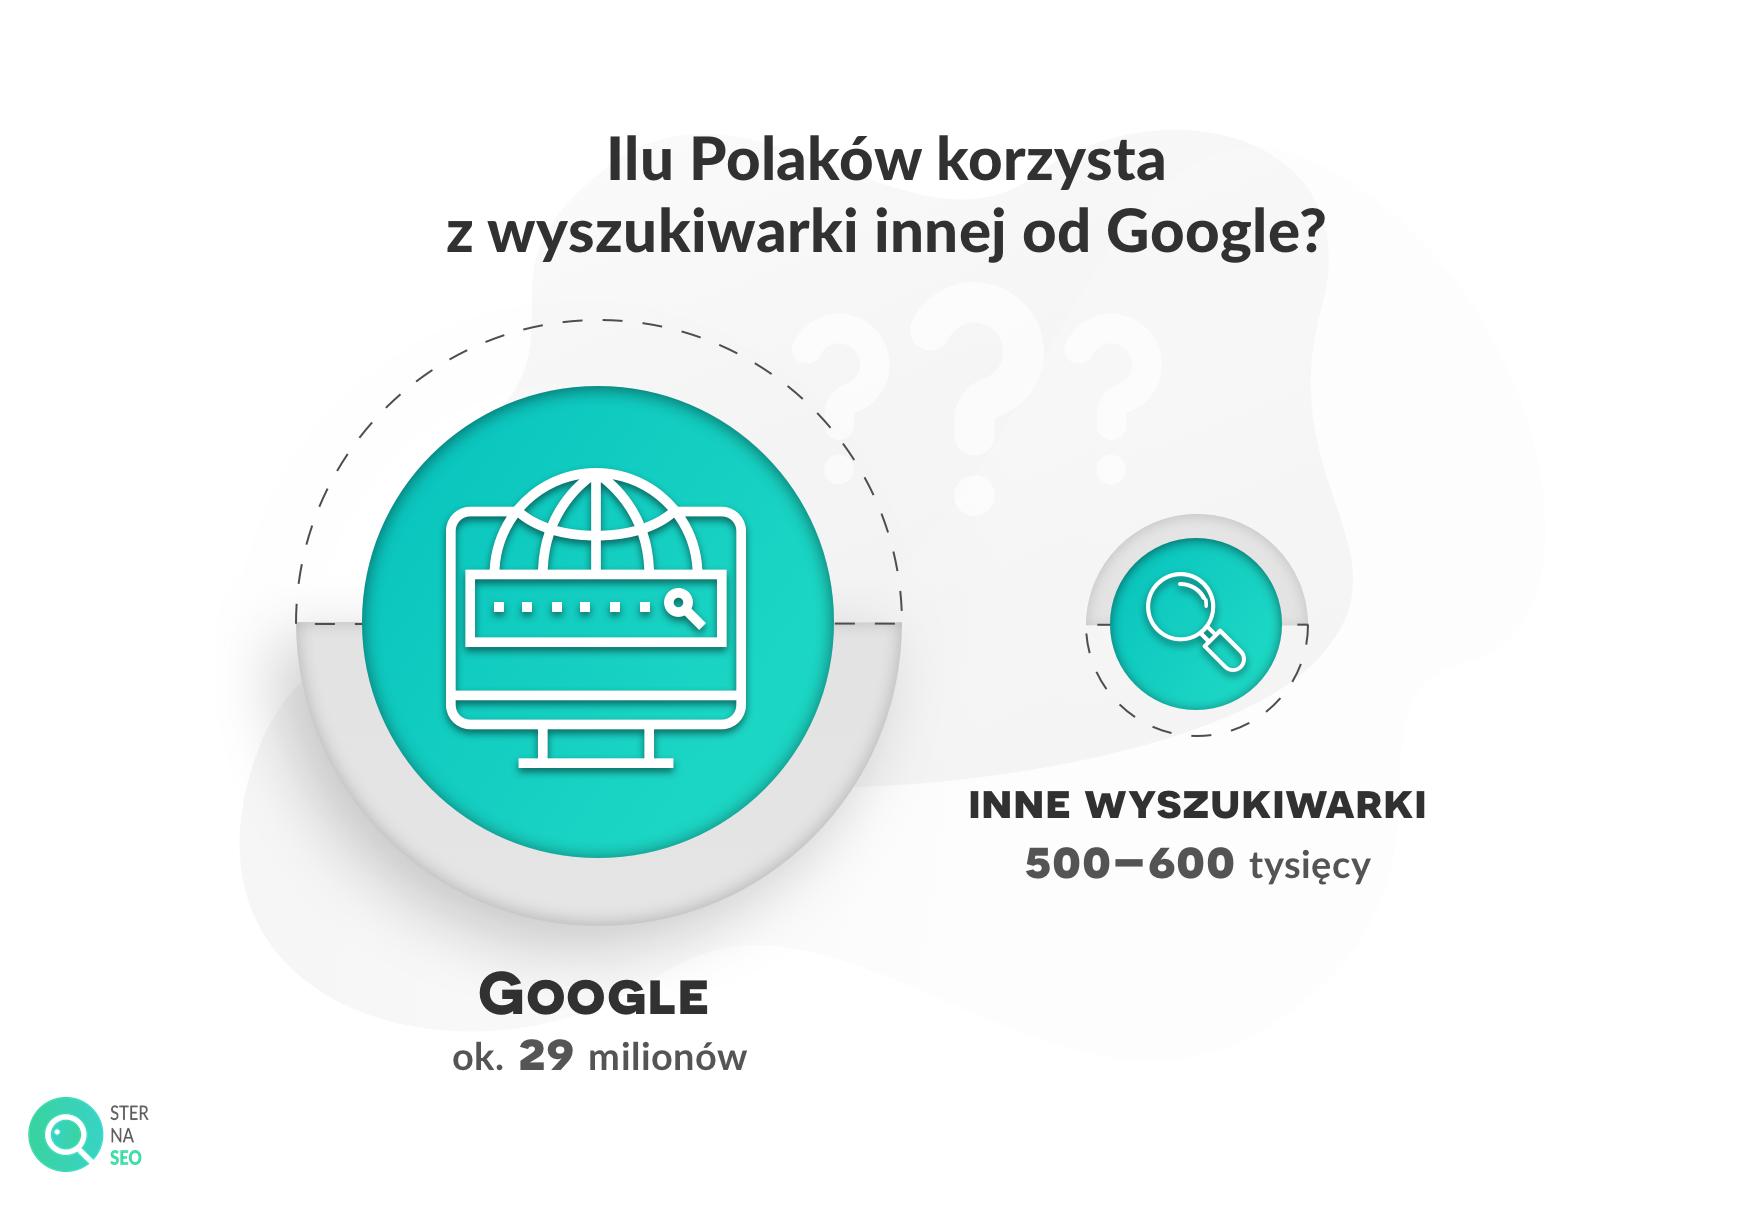 Ile Polaków korzysta z wyszukiwarki innej od Google